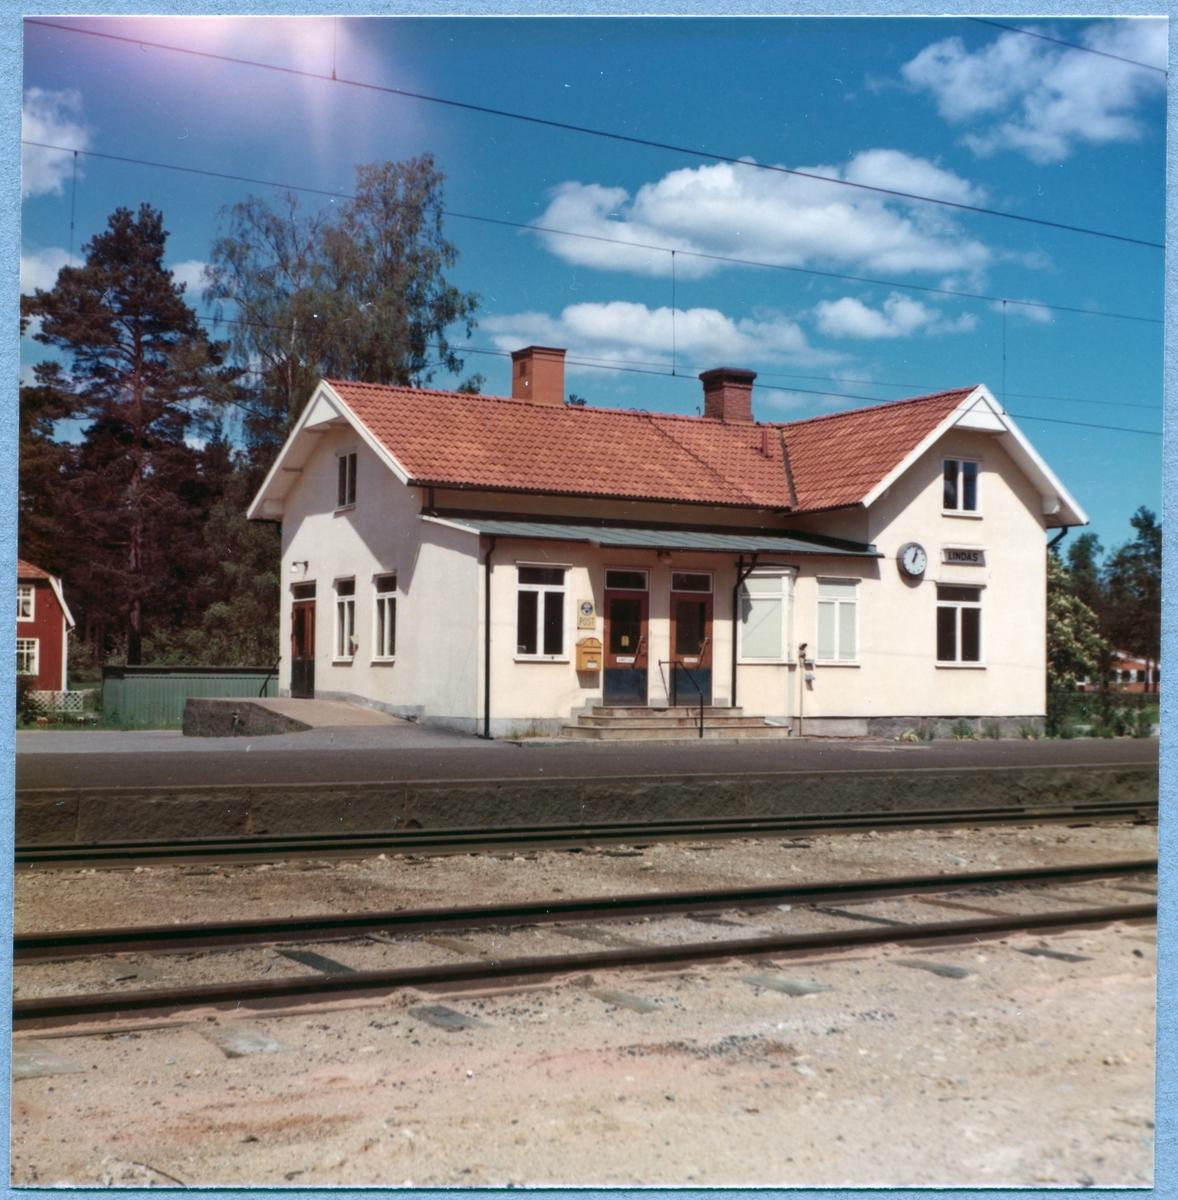 Station anlagd 1875. Nuvarande stationshus, envånings i trä, byggt i vinkel, uppfört 1902.